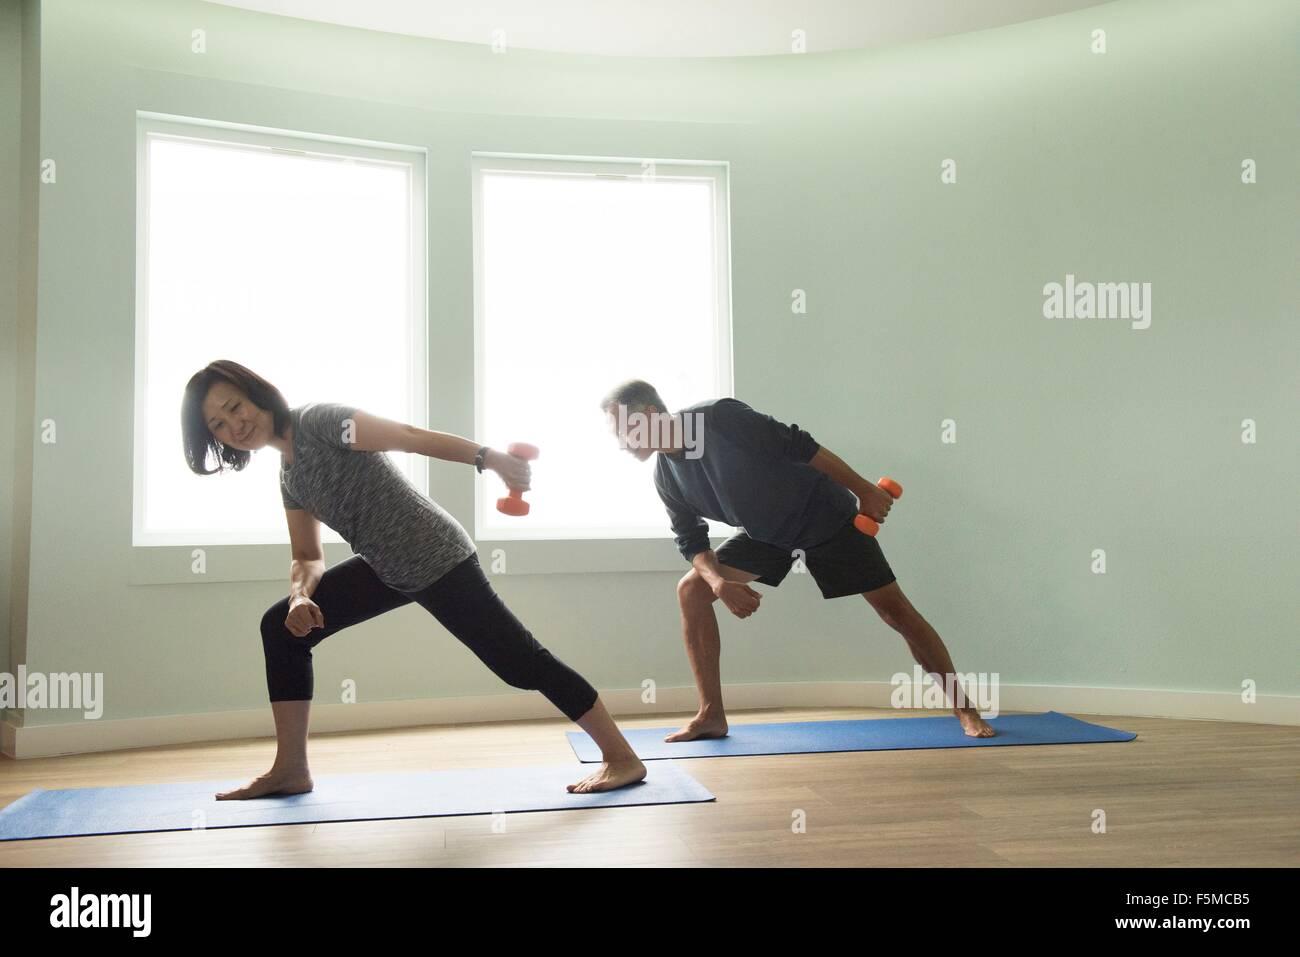 Älteres Paar auf Yoga-Matten-Training mit Hanteln Stockbild